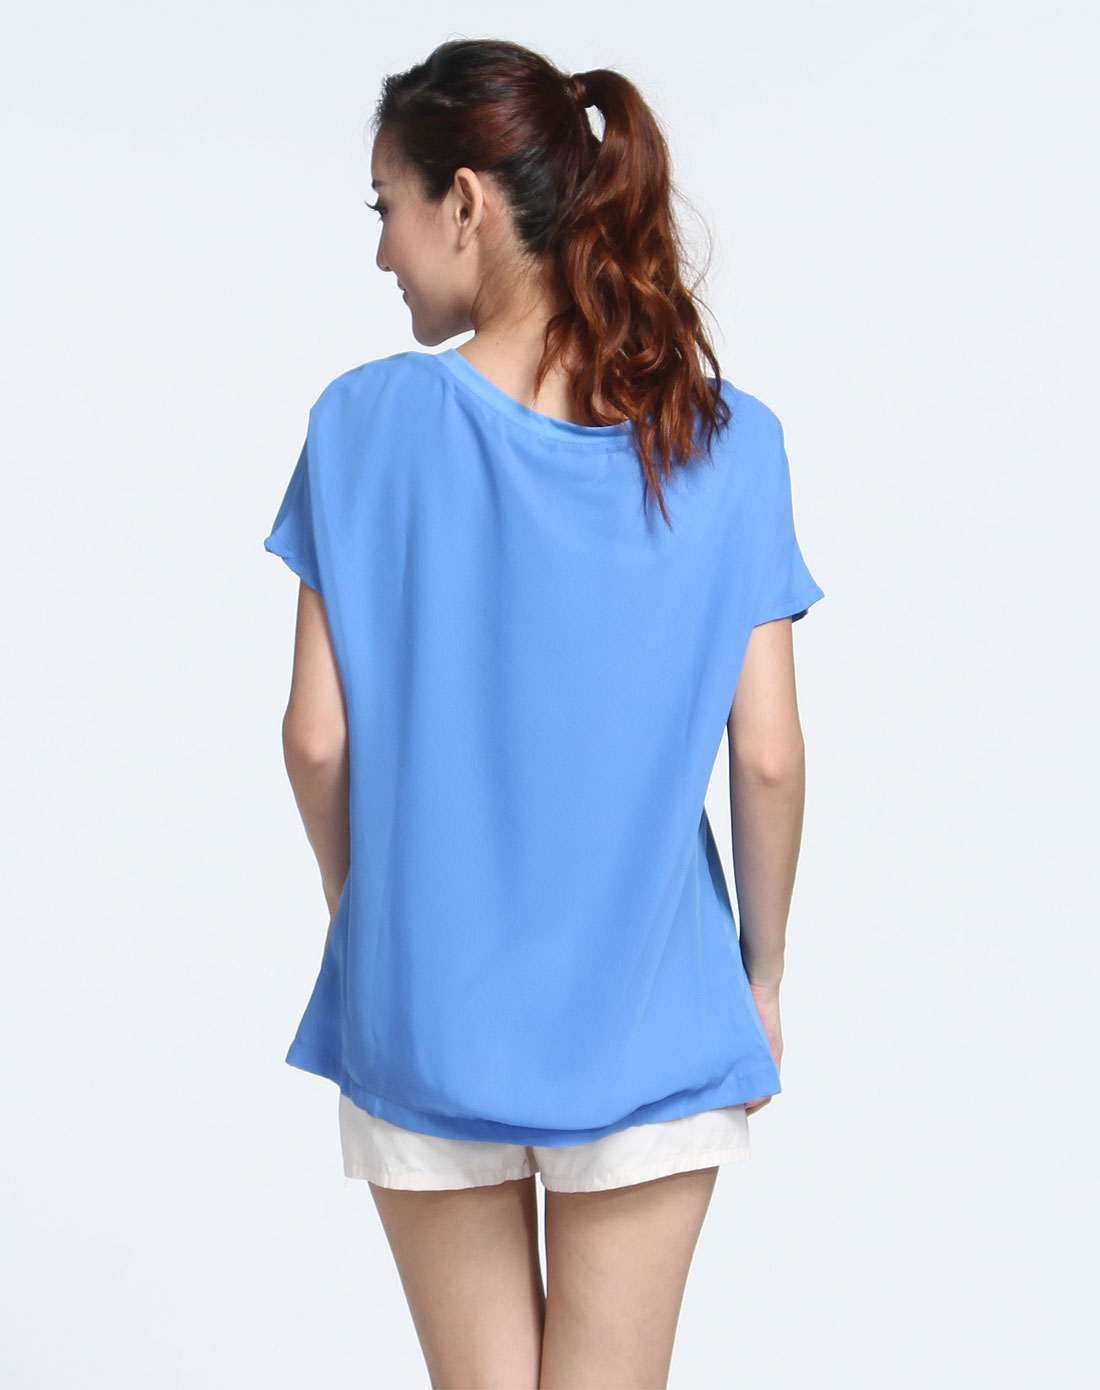 少女印图宽松天蓝色短袖t恤